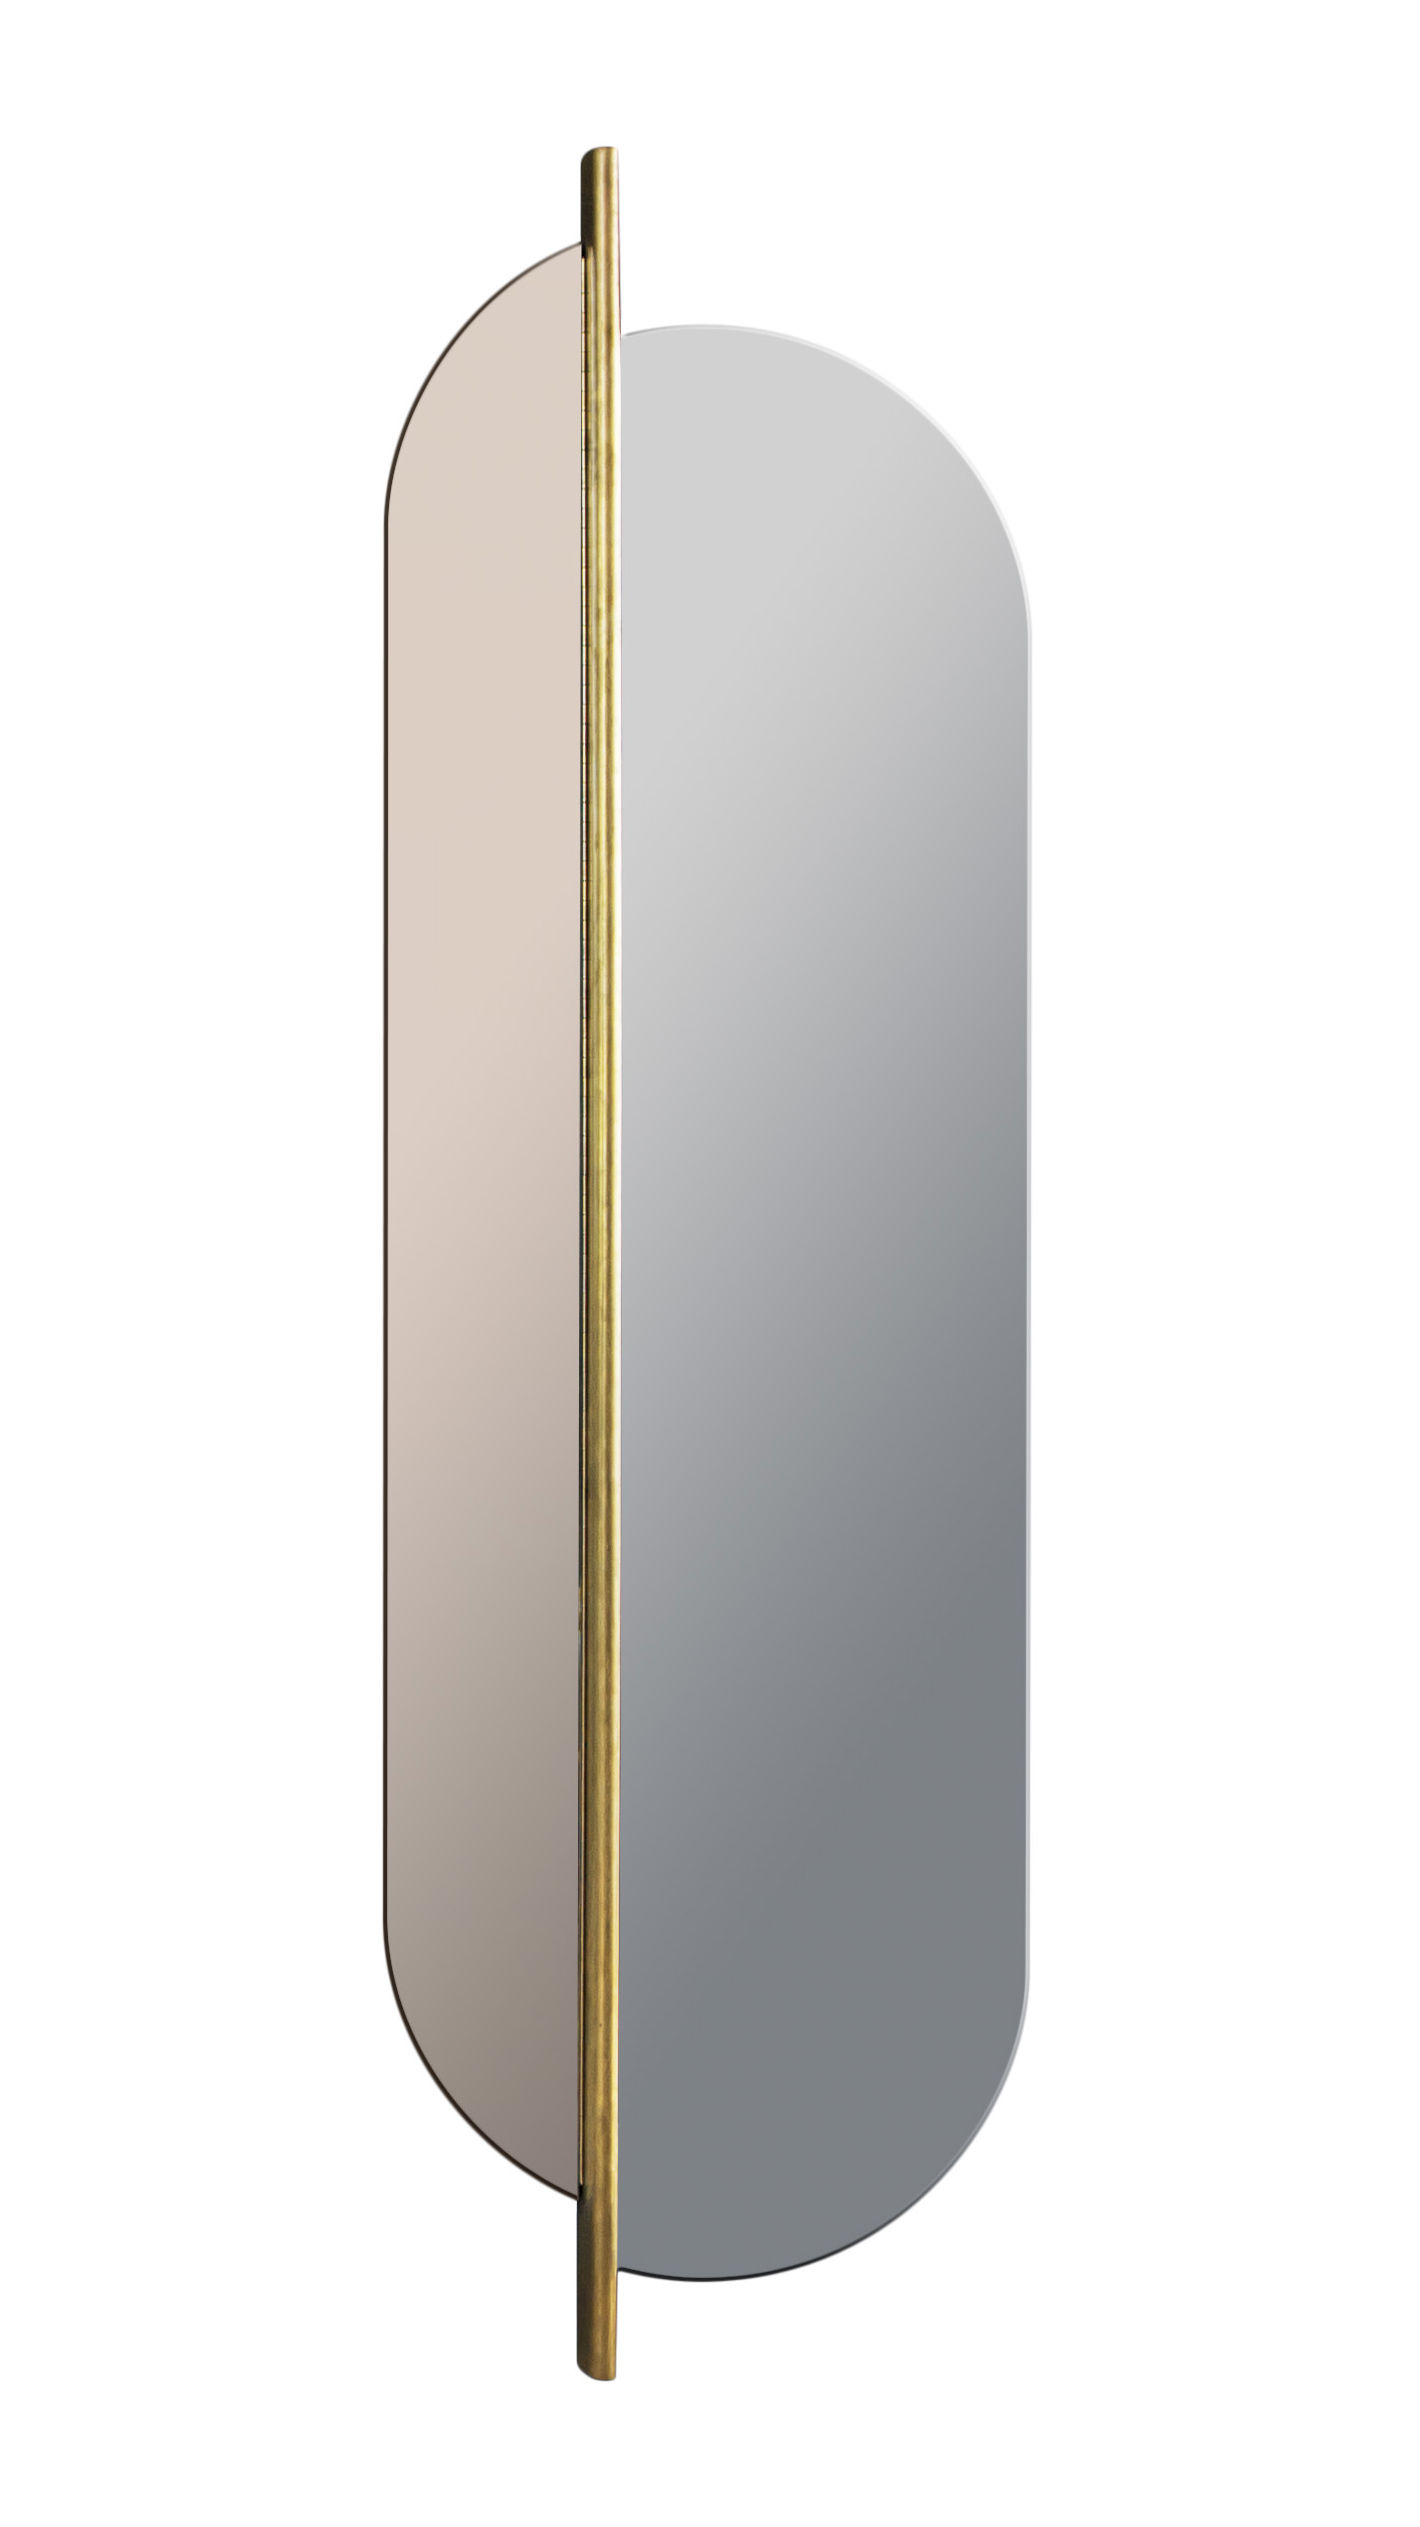 Interni - Specchi - Specchio murale Totem - / Girevole & bicolore - H 170 cm di RED Edition - Grigio & Rosa  / ottone - Ottone, Verre fumé